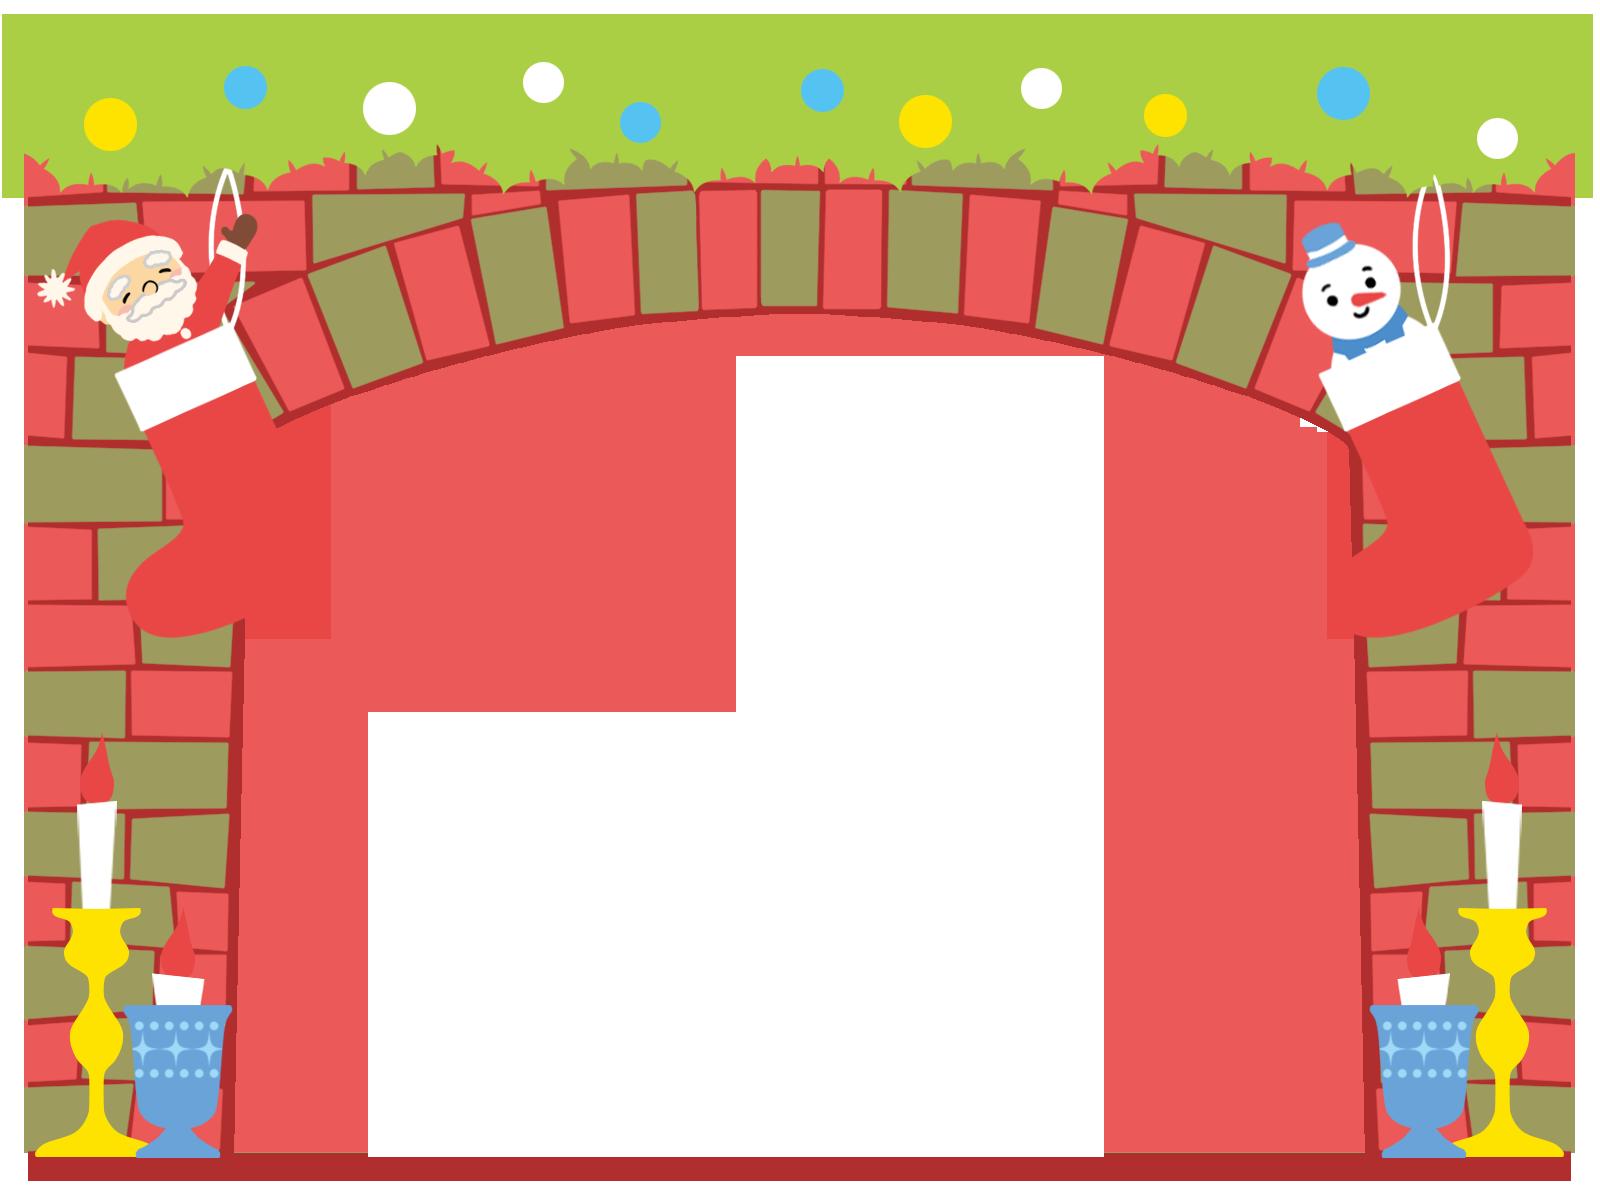 クリスマスの枠イラスト(無料、フリー)